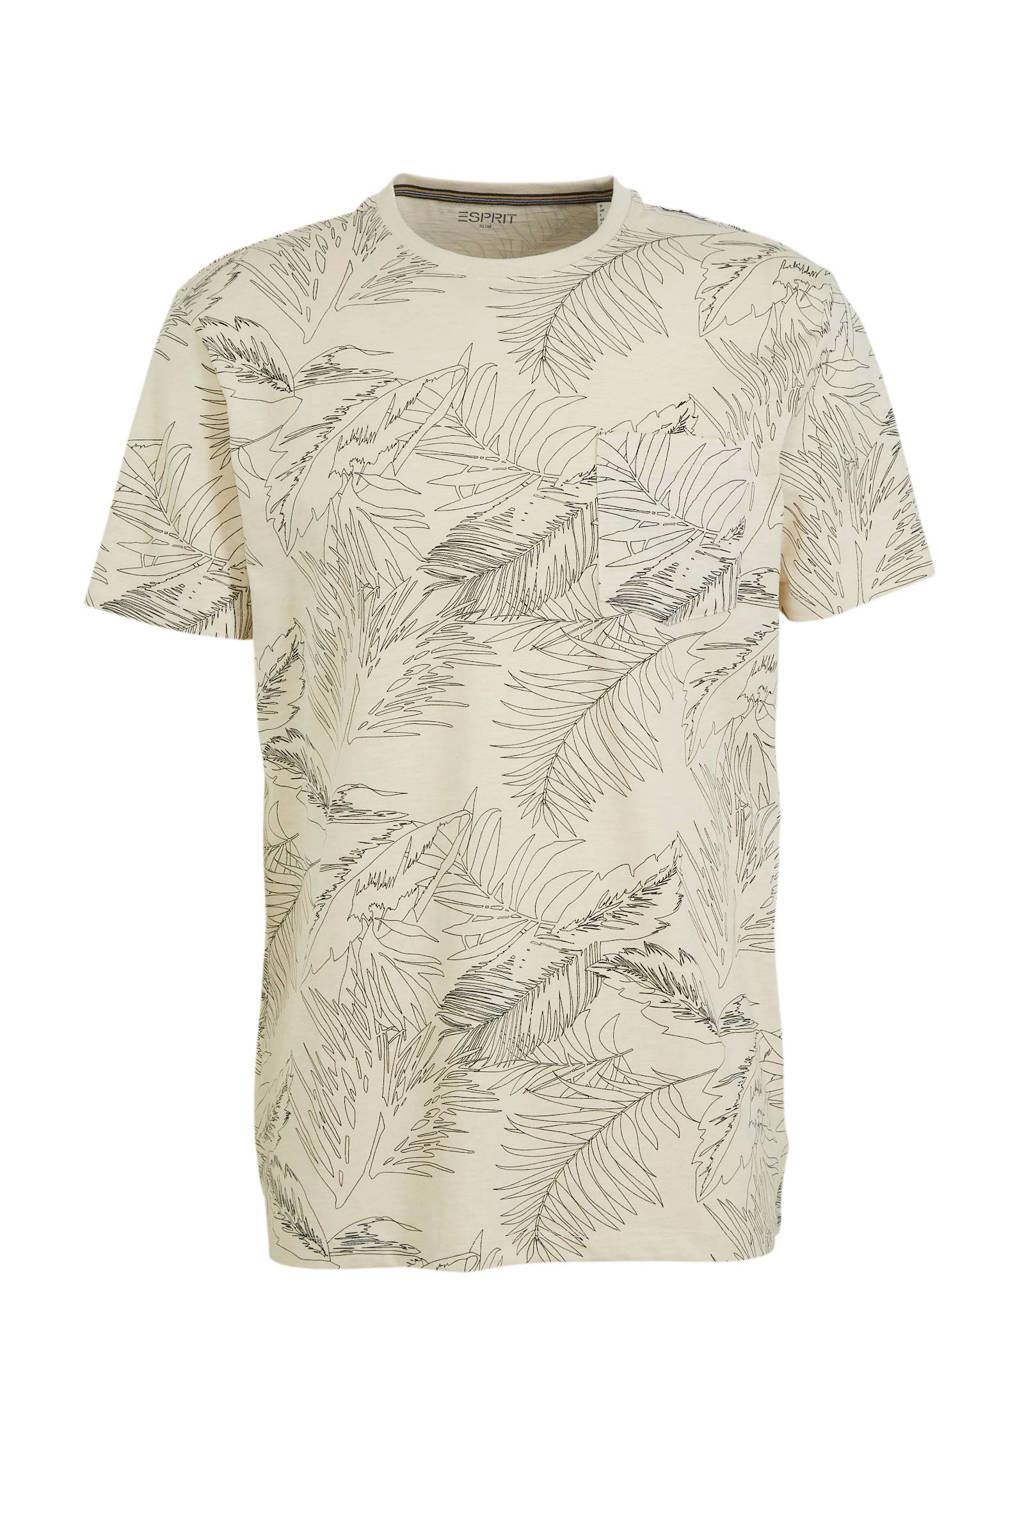 ESPRIT Men Casual T-shirt met all over print beige, Beige